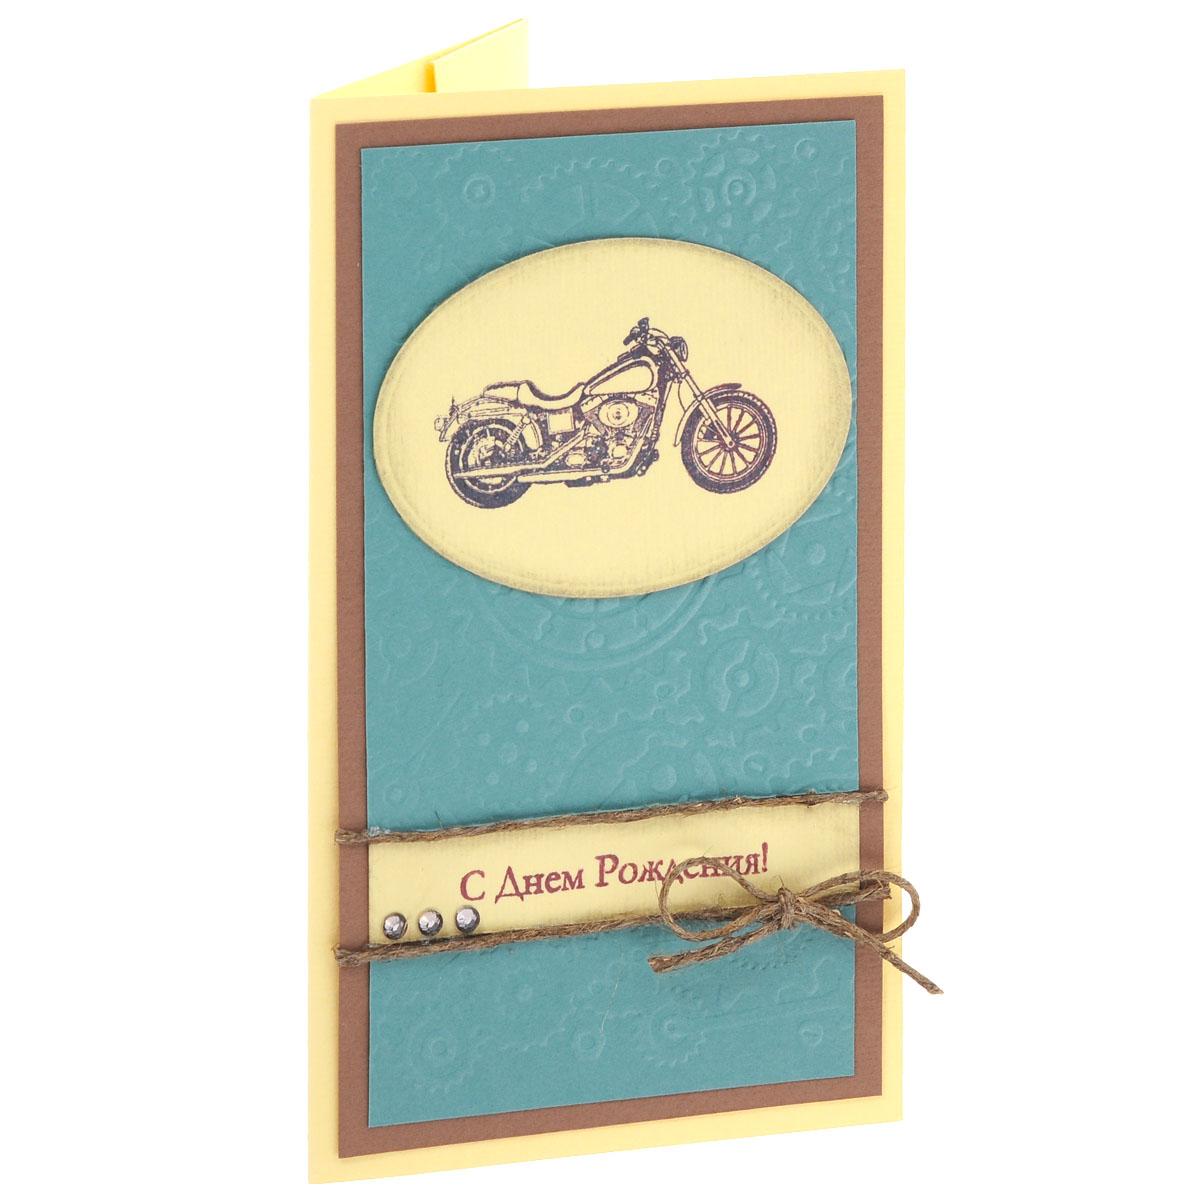 ОМ-0005 Открытка-конверт «С Днём Рождения!» (мотоцикл, св. желтая с бирюзовым фоном). Студия «Тётя Роза»94991Характеристики: Размер 19 см x 11 см.Материал: Высоко-художественный картон, бумага, декор. Данная открытка может стать как прекрасным дополнением к вашему подарку, так и самостоятельным подарком. Так как открытка является и конвертом, в который вы можете вложить ваш денежный подарок или просто написать ваши пожелания на вкладыше. Сдержанная и немногословная открытка, как настоящий мужской характер. Неброская по цветовой гамме, но очень выразительная по дизайнерской идее, с легким налетом винтажа. Также открытка упакована в пакетик для сохранности.Обращаем Ваше внимание на то, что открытка может незначительно отличаться от представленной на фото.Открытки ручной работы от студии Тётя Роза отличаются своим неповторимым и ярким стилем. Каждая уникальна и выполнена вручную мастерами студии. (Открытка для мужчин, открытка для женщины, открытка на день рождения, открытка с днем свадьбы, открытка винтаж, открытка с юбилеем, открытка на все случаи, скрапбукинг)